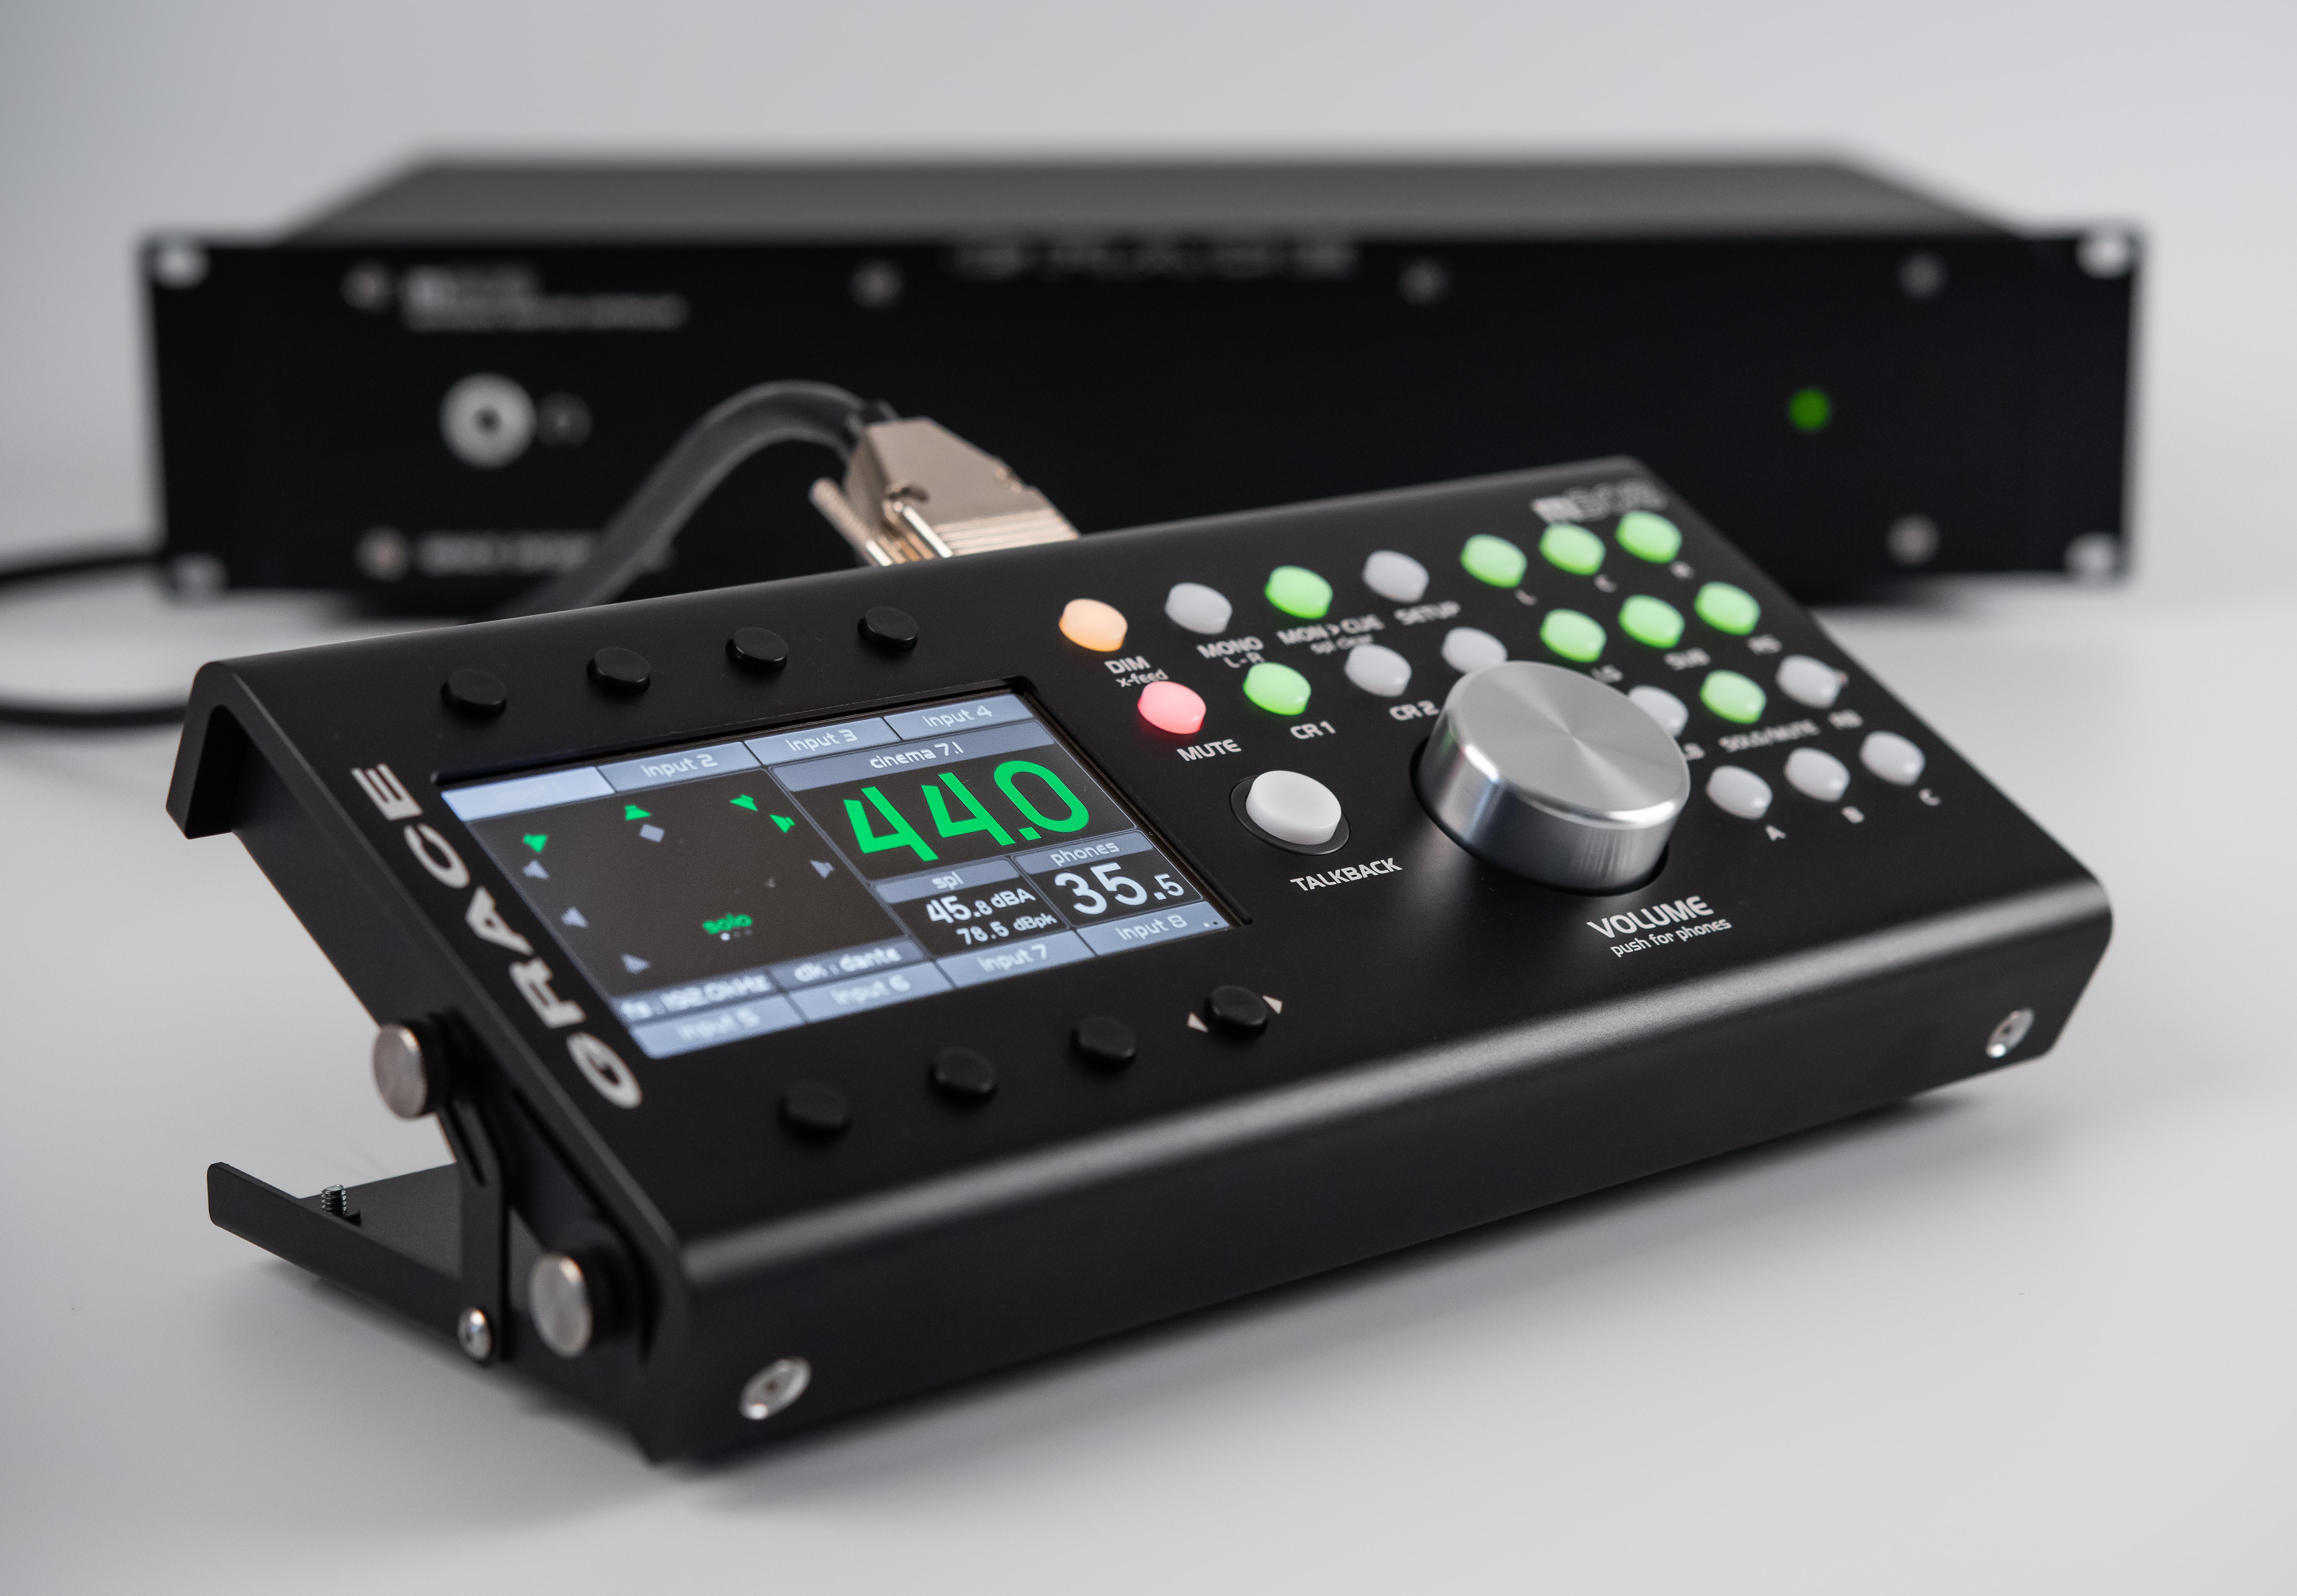 サラウンドモニターコントローラー,サラウンドモニタリング,サラウンドスタジオモニター,サラウンドモニターコントローラ,Gracedesihn,m908,イマーシブサラウンドモニター